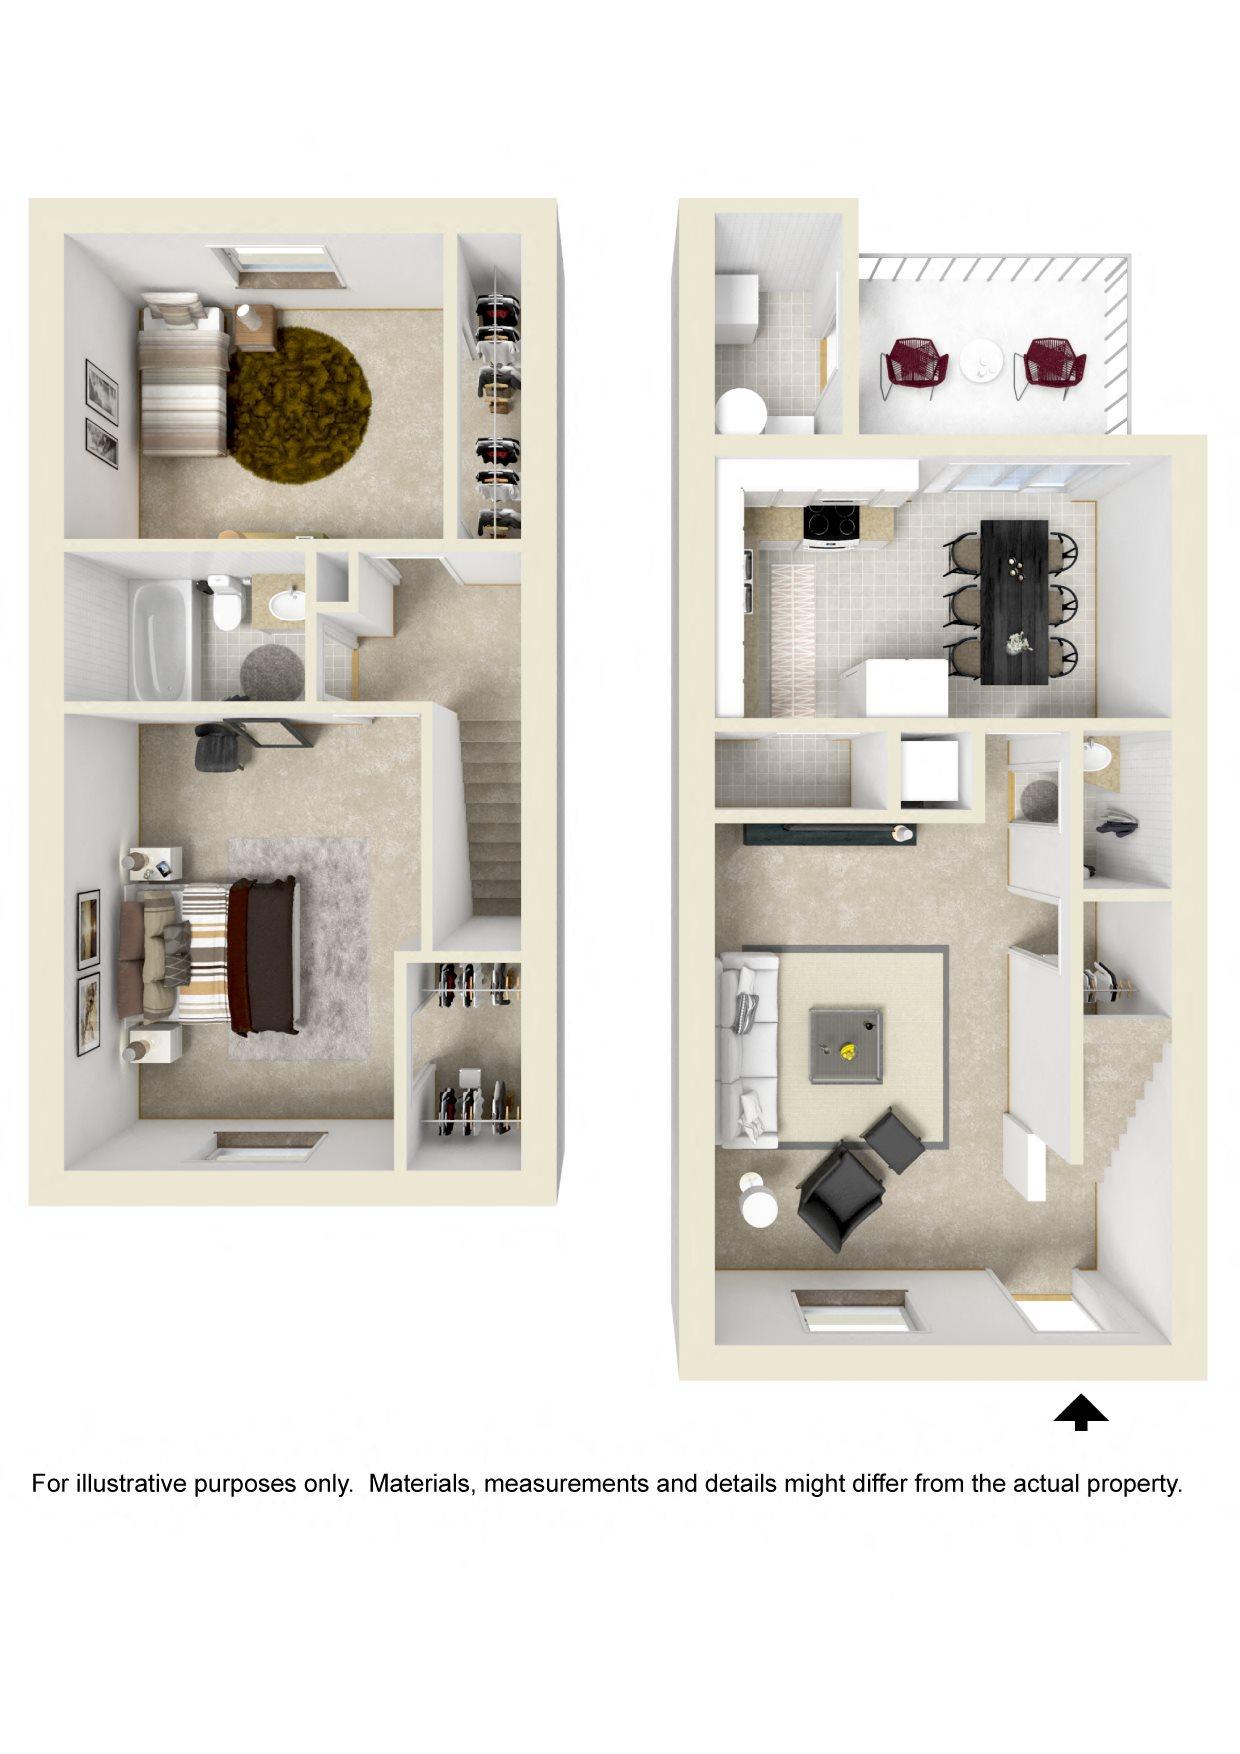 TWO BEDROOM TOWNHOME Floor Plan 4